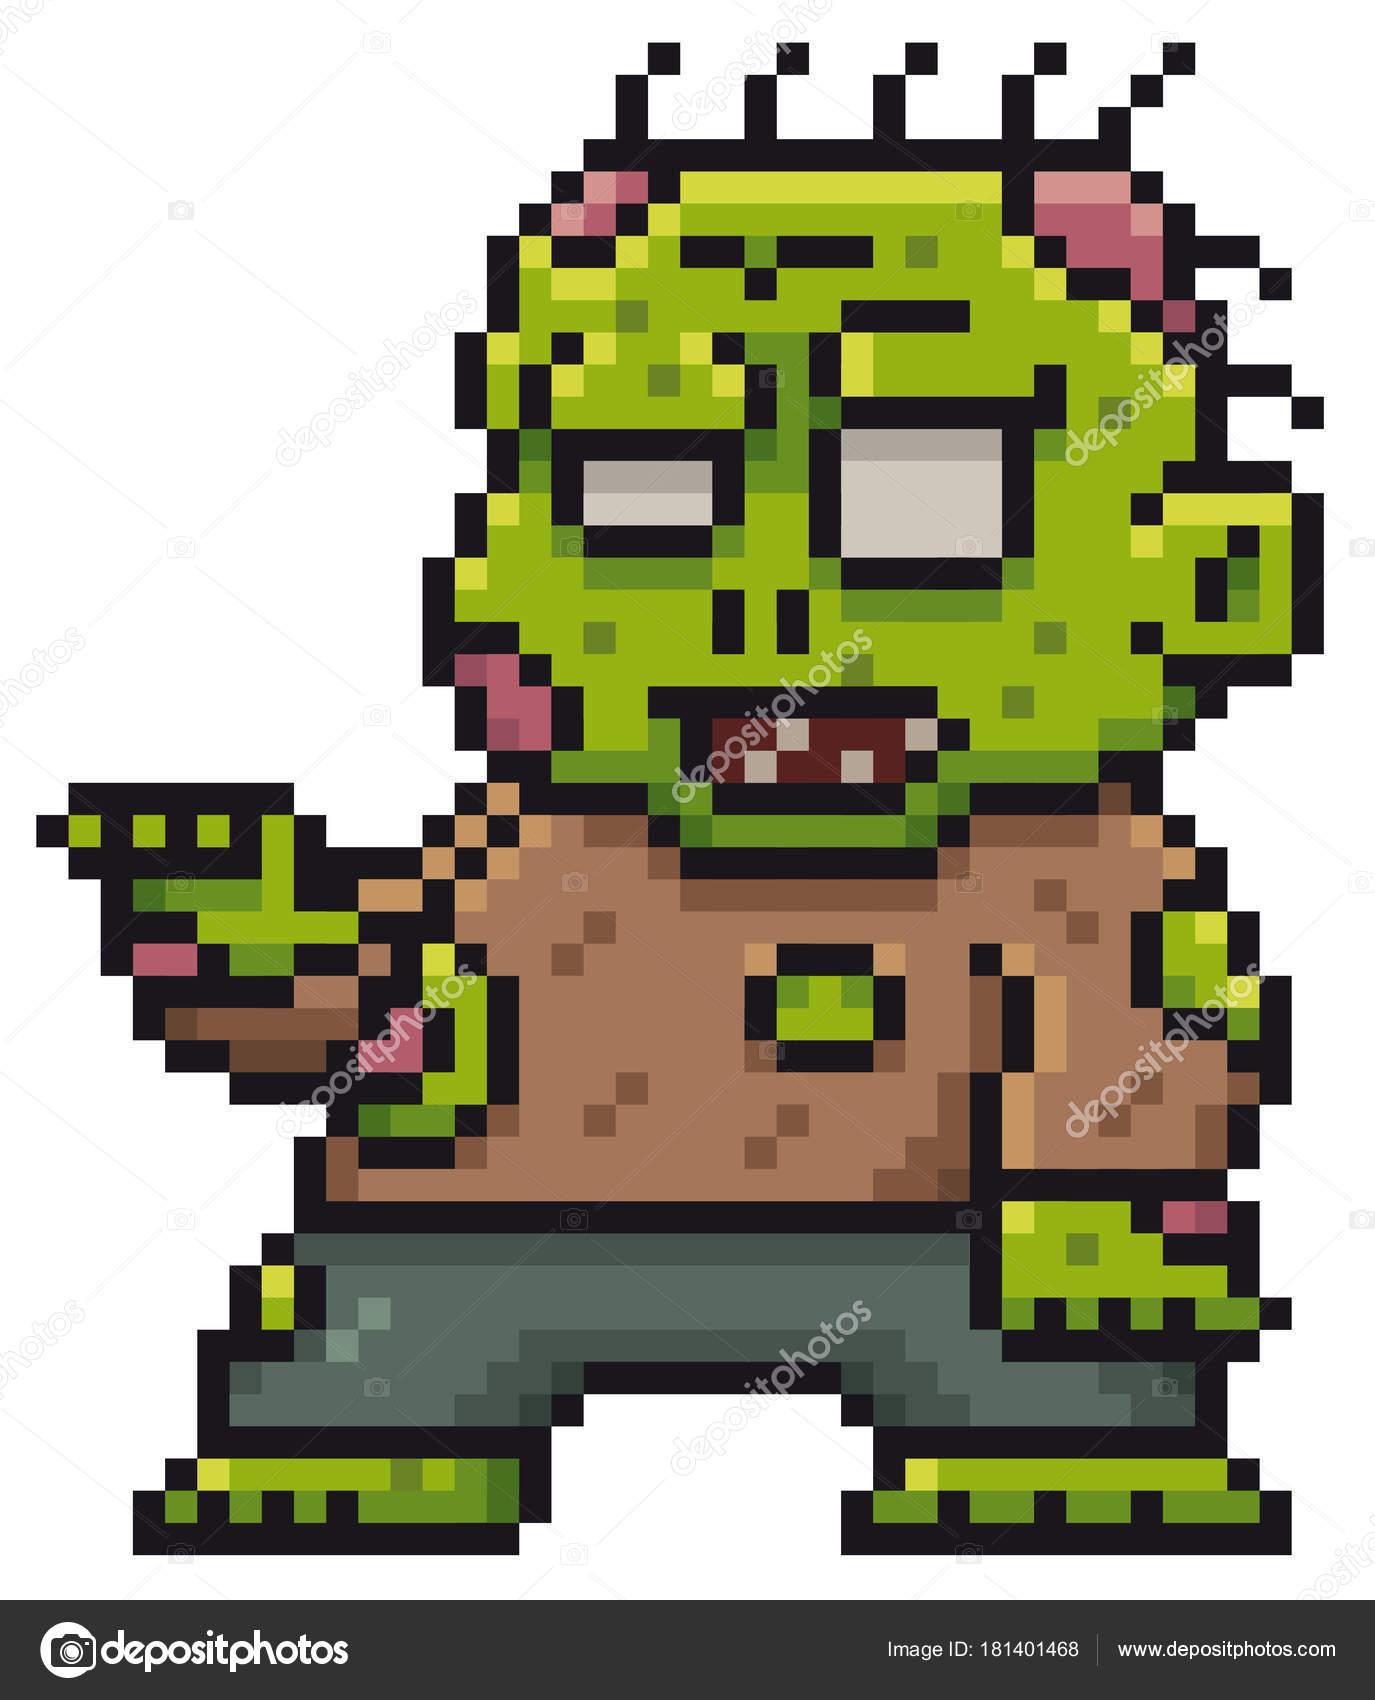 Vektorové Ilustrace Kreslený Zombie Pixel Design